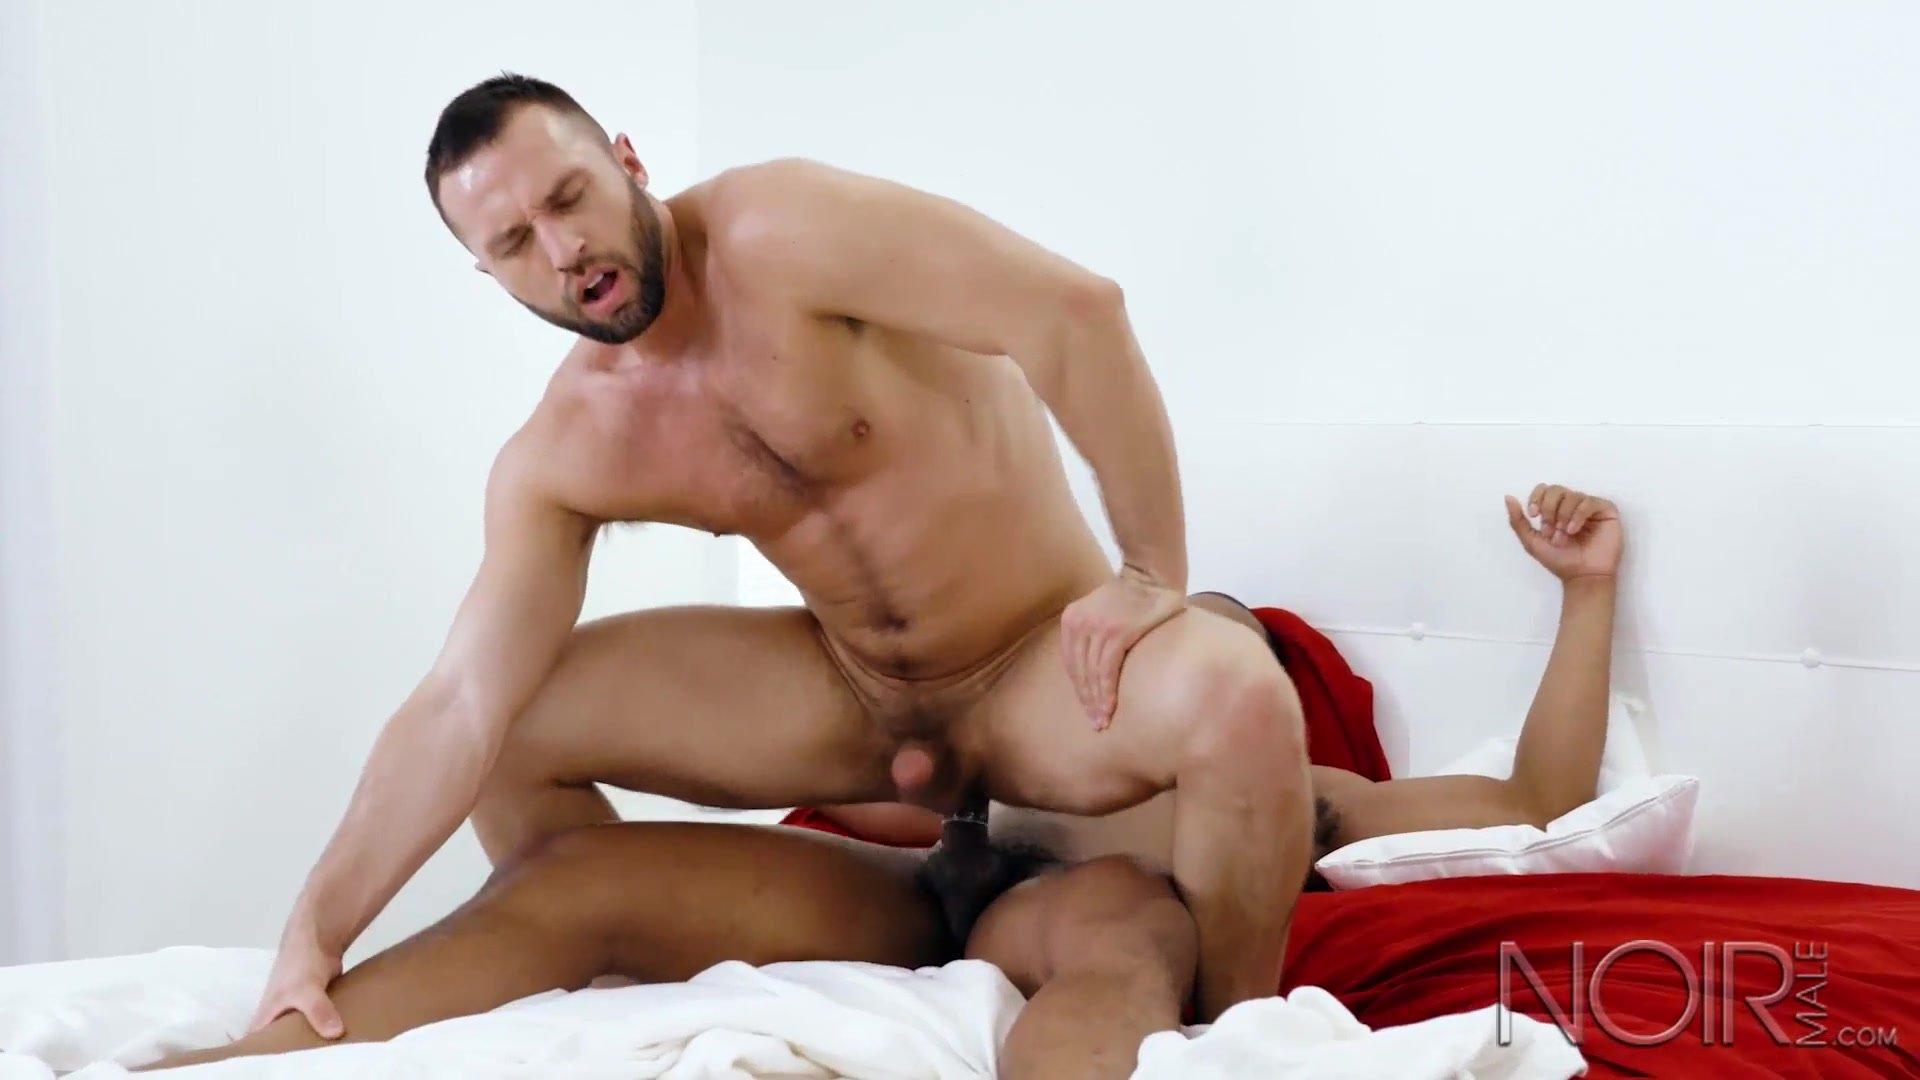 Amigos Porno Hetero romance gay vídeo de hétero comendo o rabo do amigo